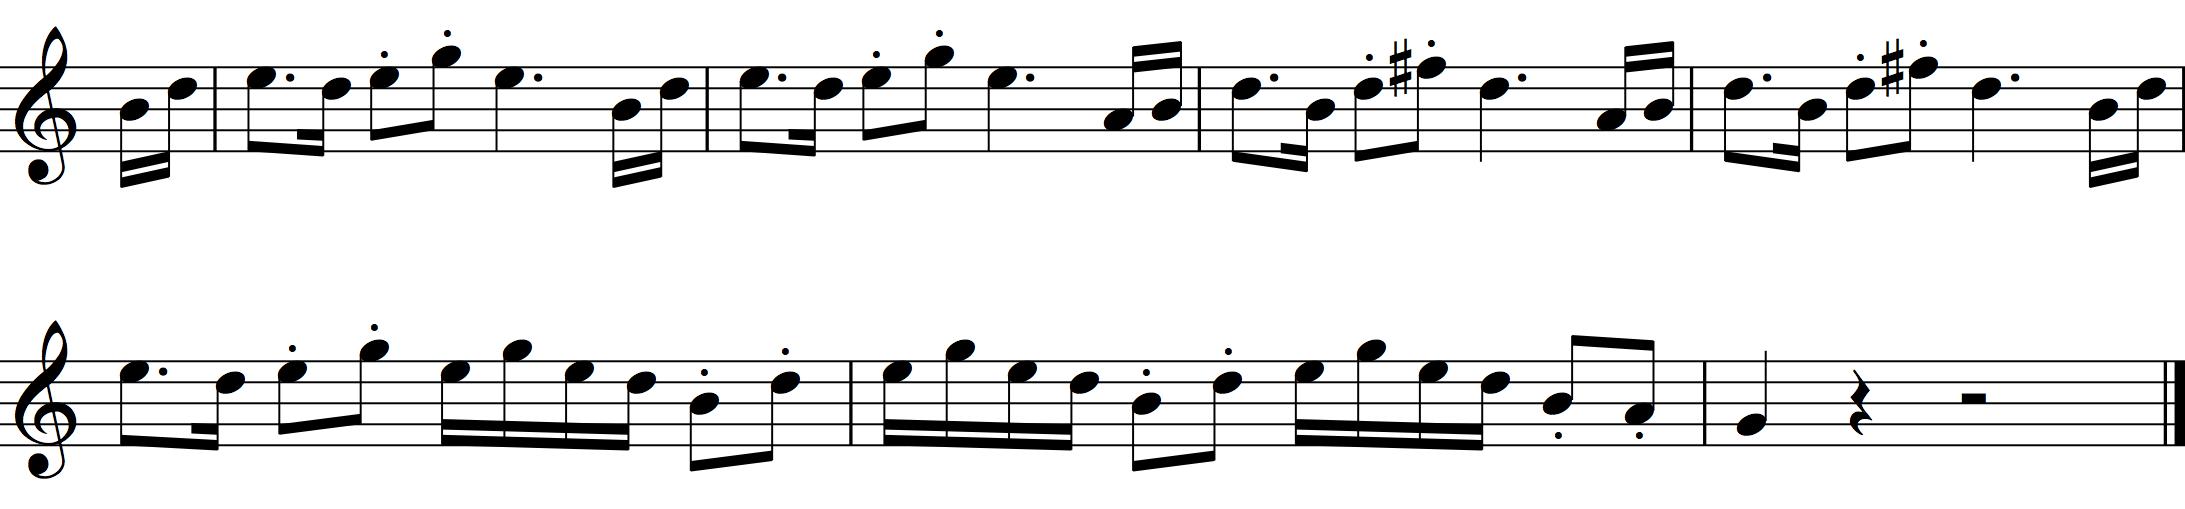 sui-jiers-theme-chorus